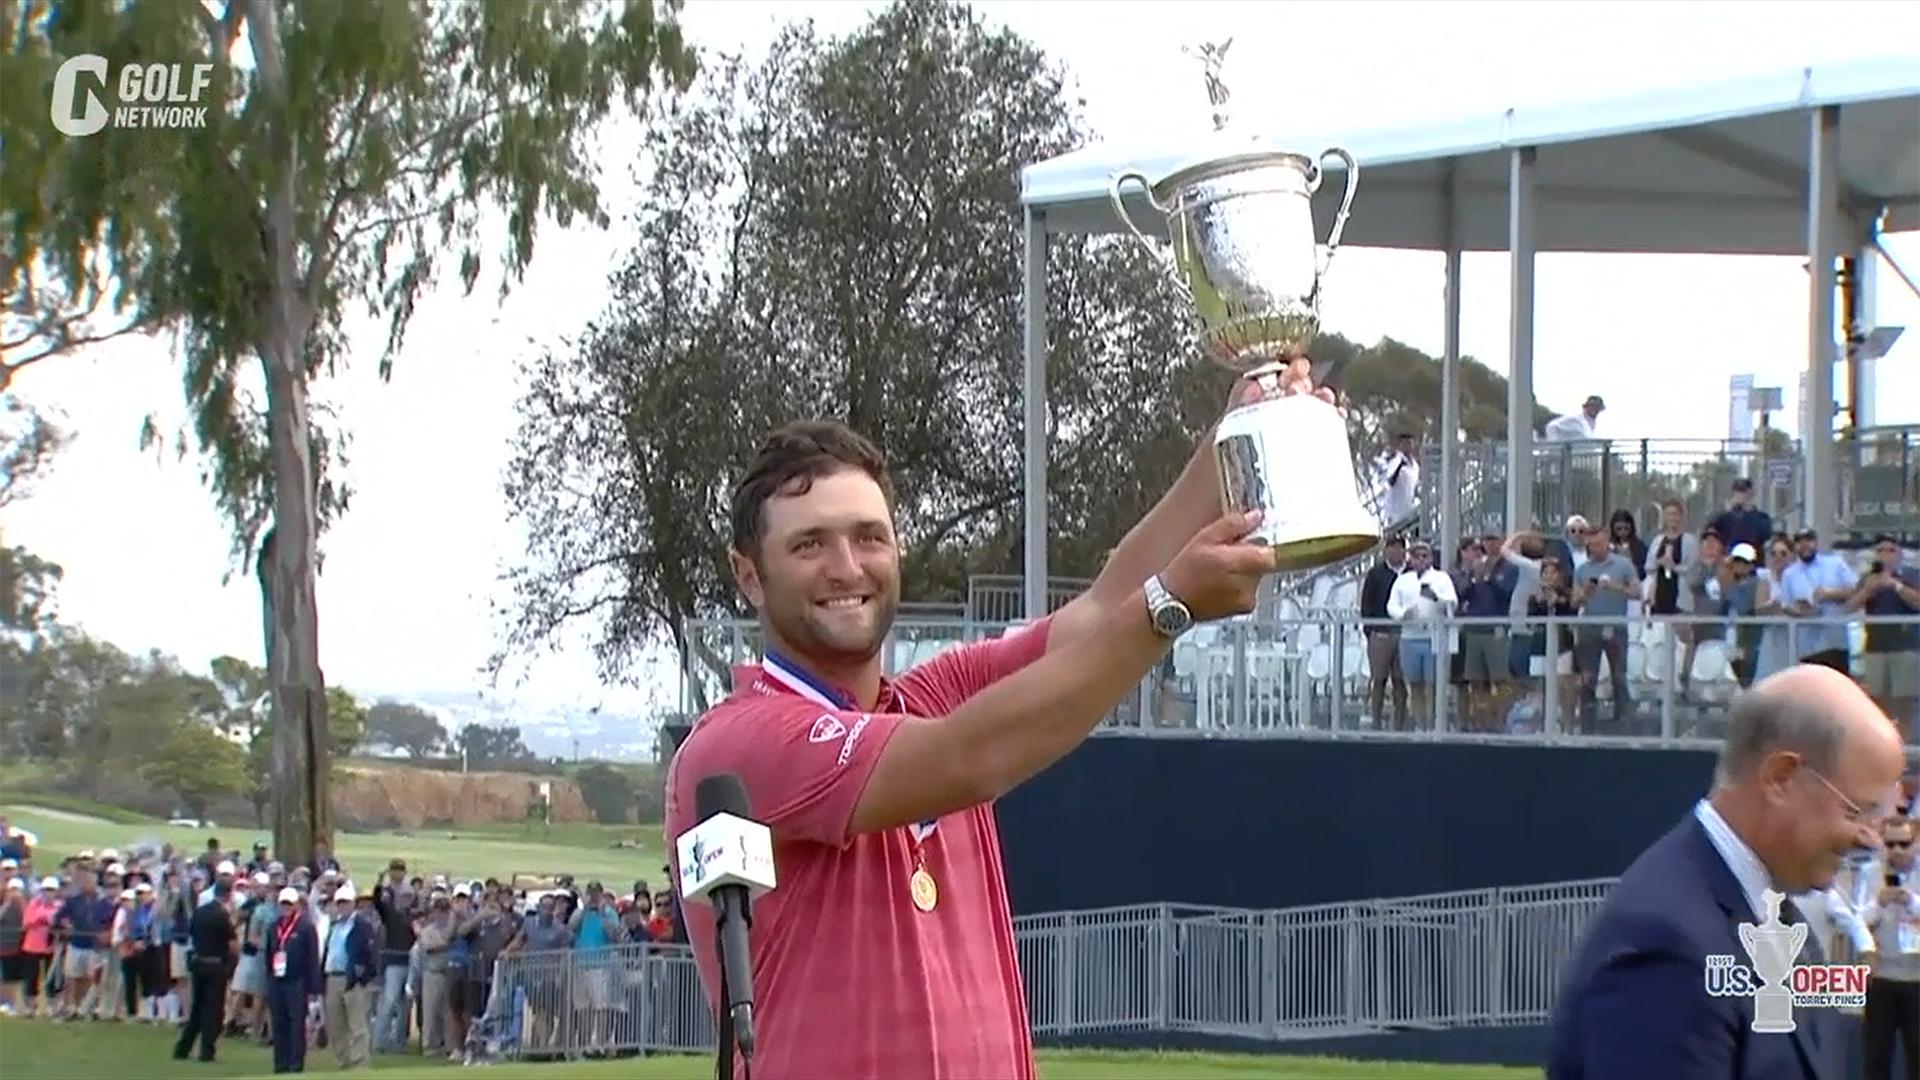 【全米オープン21】ジョン・ラームが全米オープンでメジャー初制覇 最終ラウンド